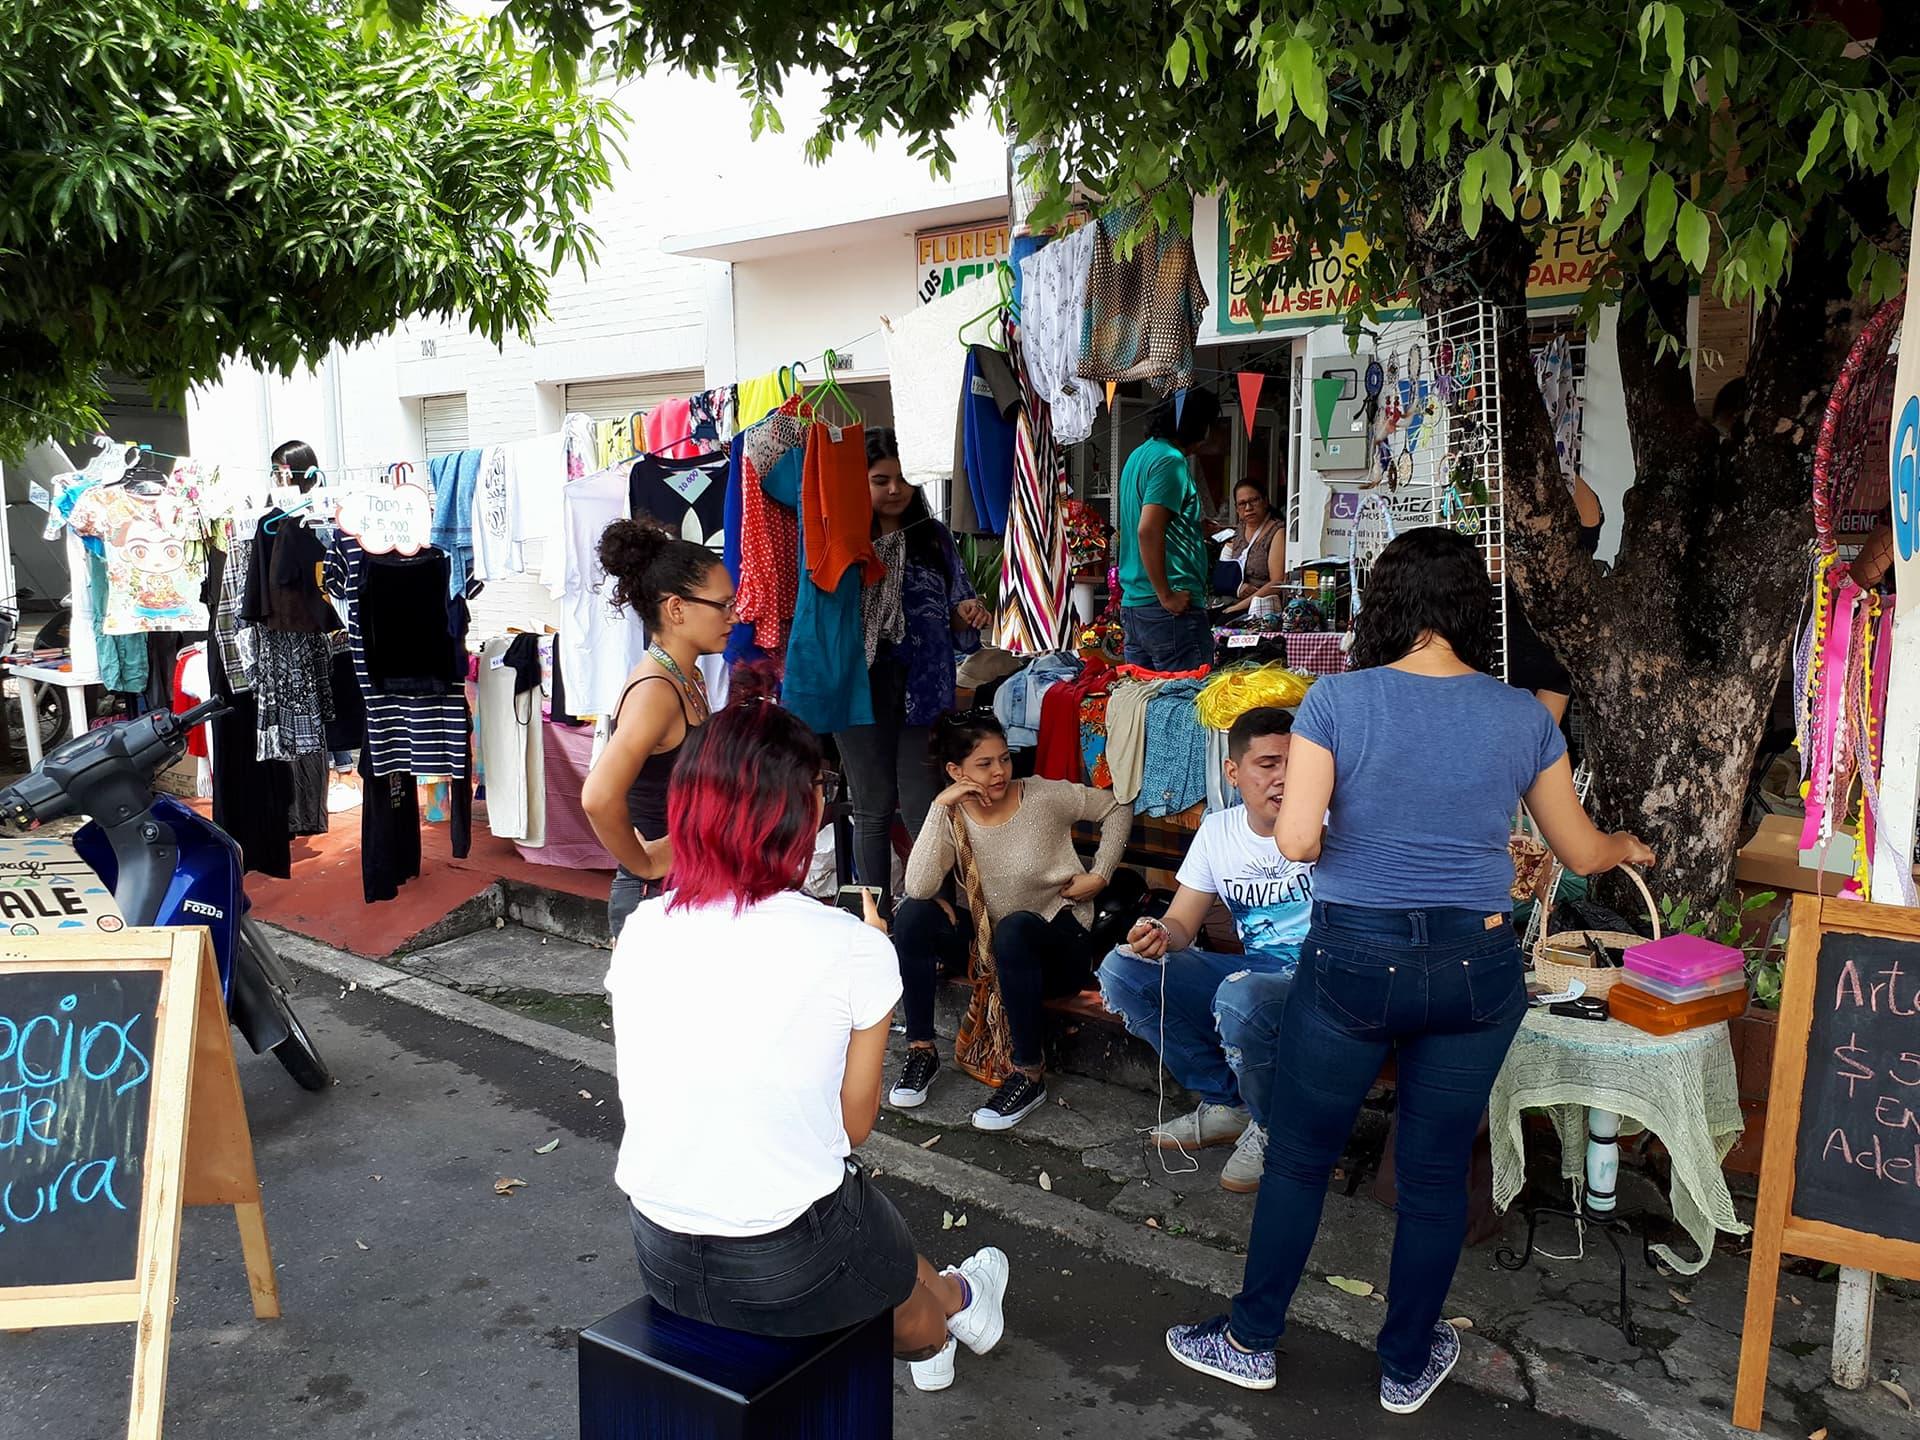 Prioridad a proveedores y mano de obra local pide la Cámara de Comercio de Barrancabermeja   Local   Economía   EL FRENTE